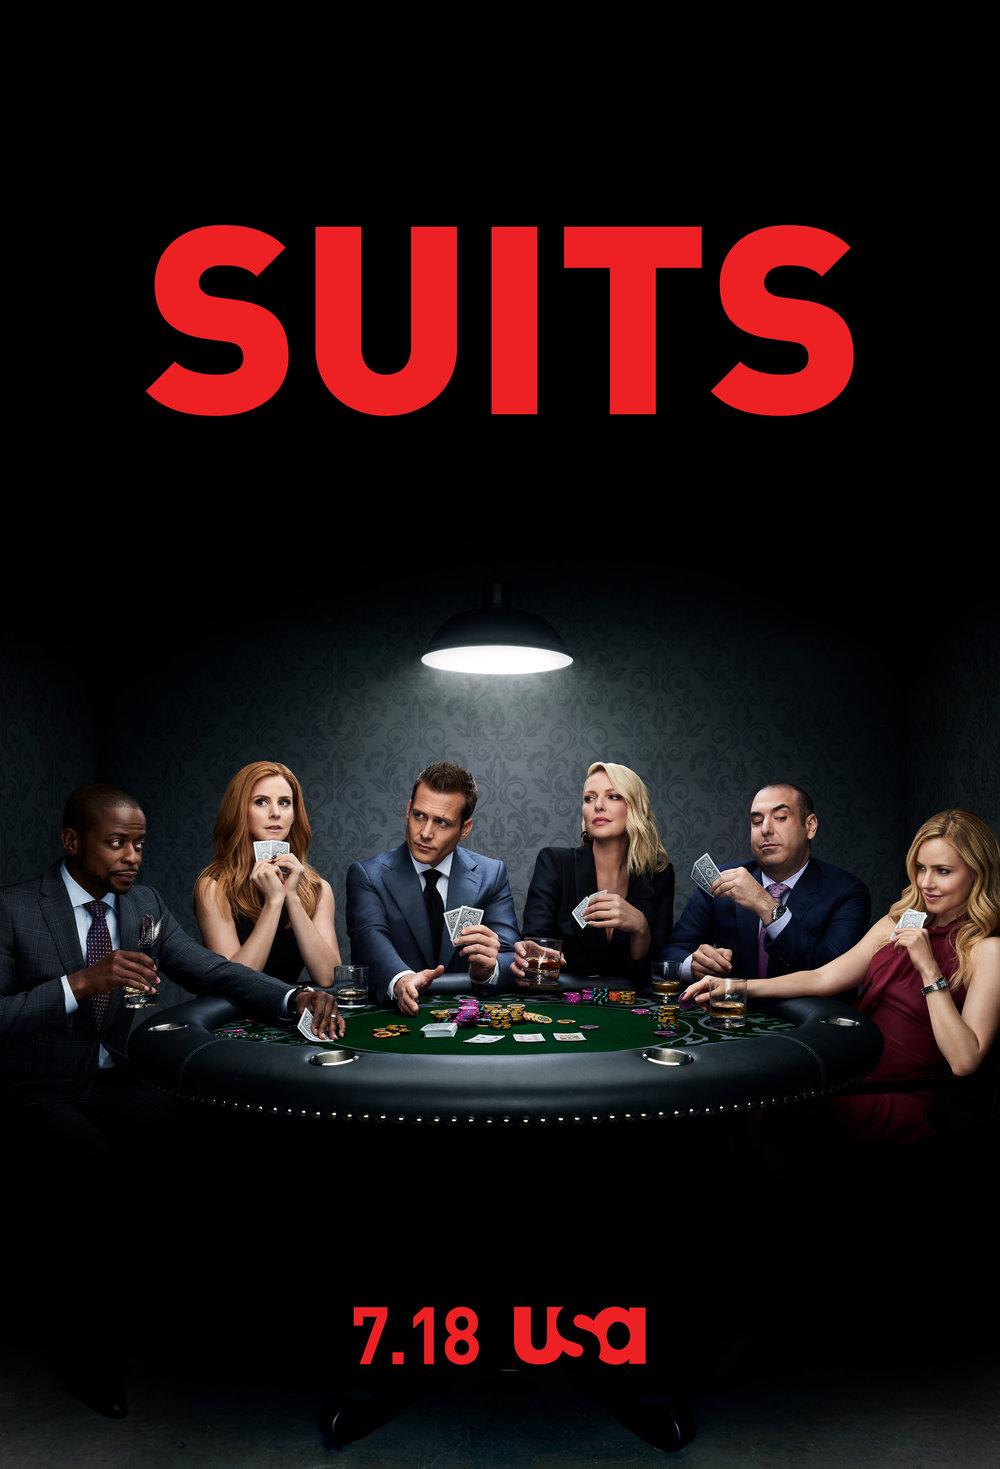 Suits_S8_Keyart_DU_R2_4.jpg